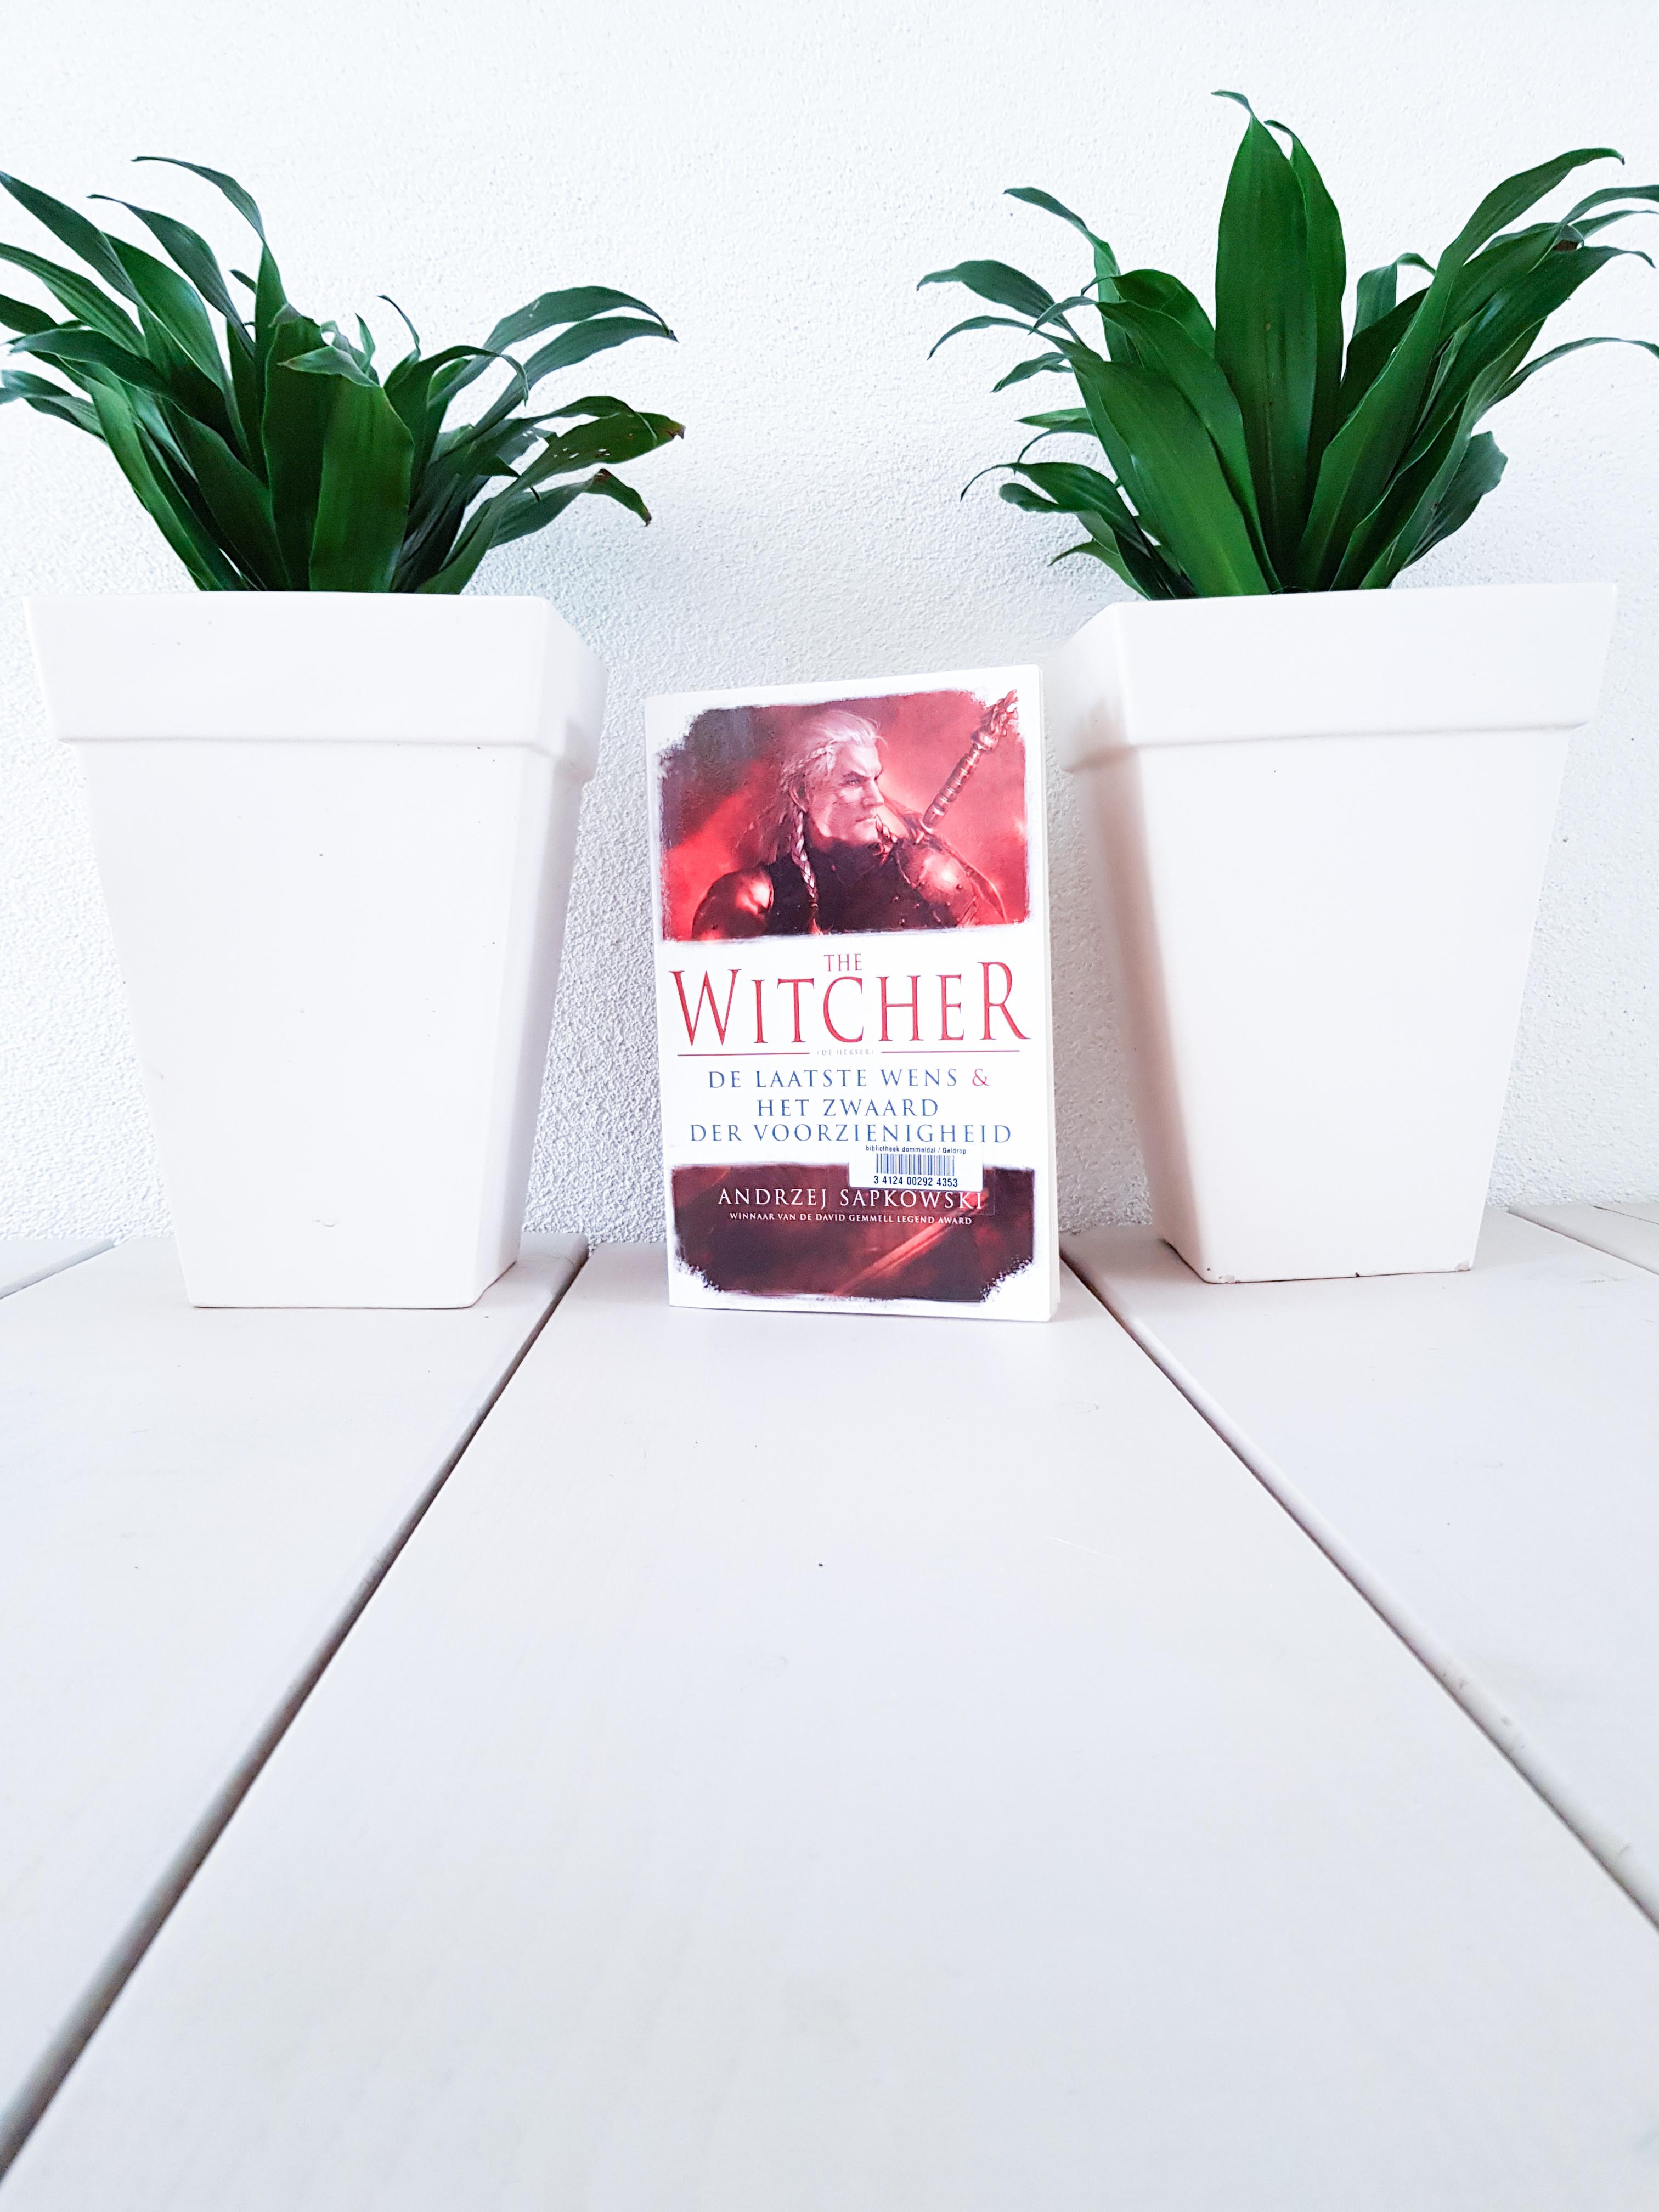 De Hekser aka The Witcher